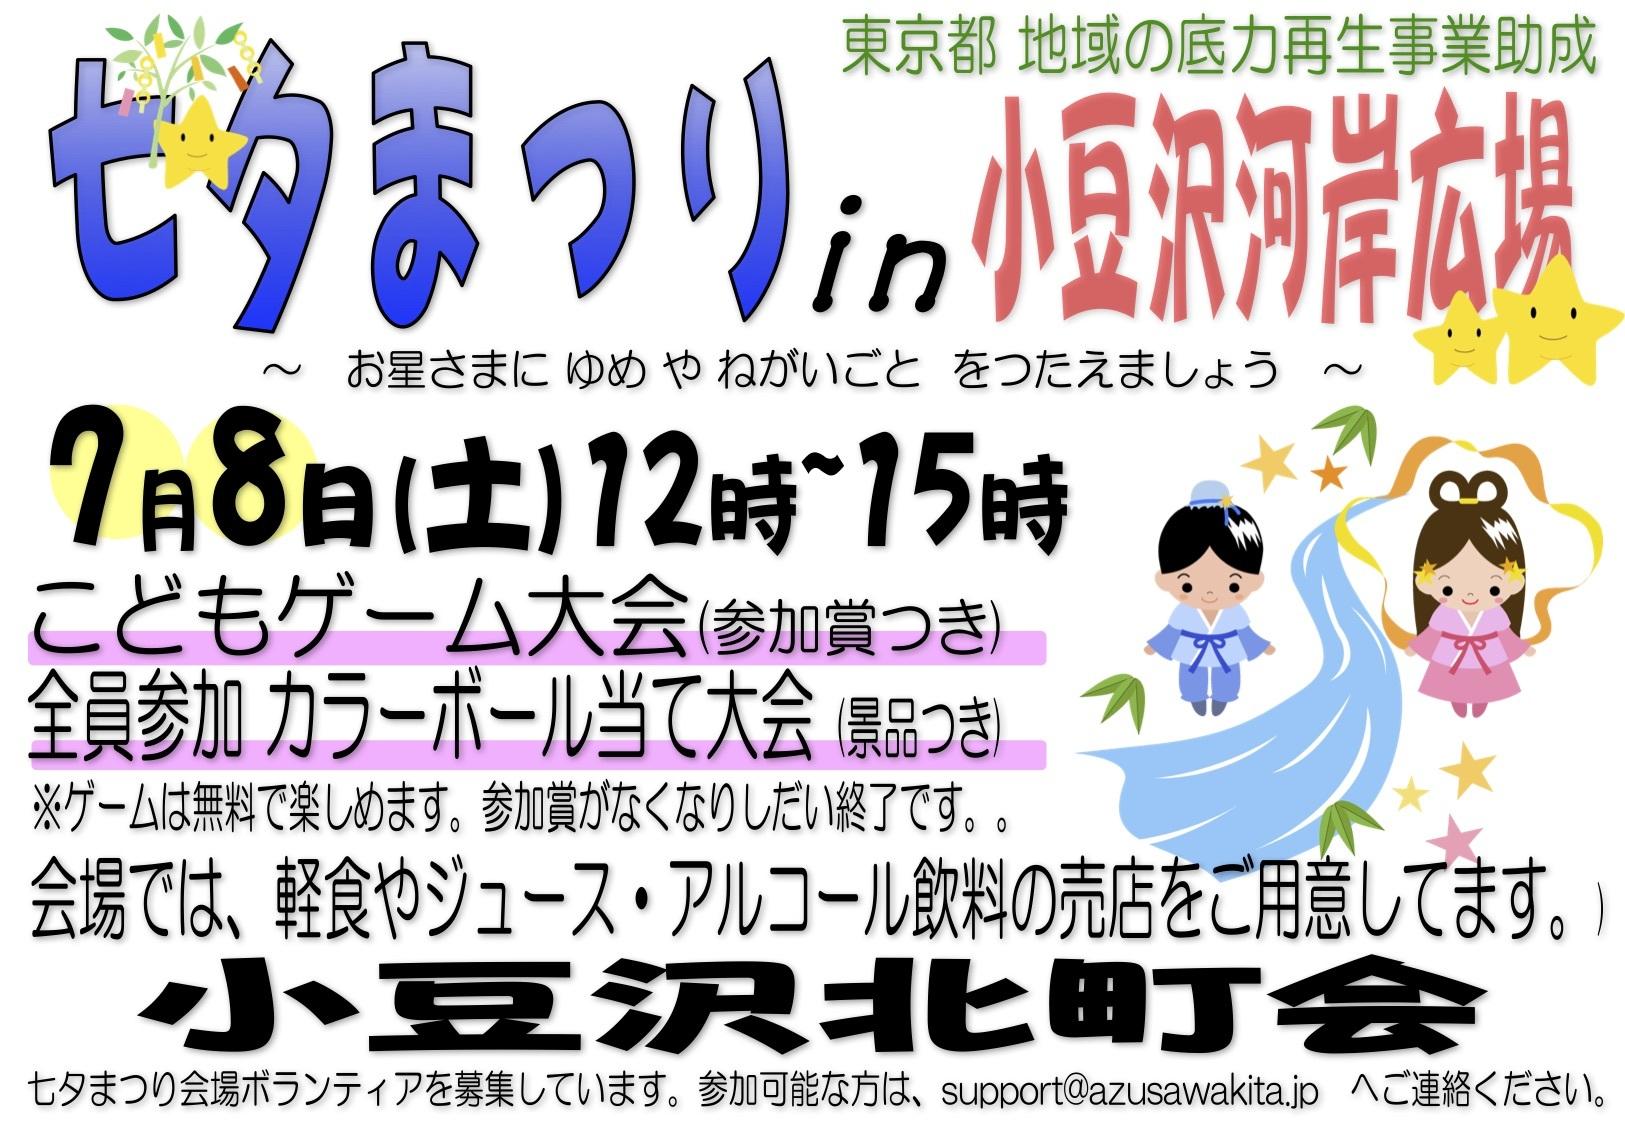 2017年7月8日(土)七夕まつり